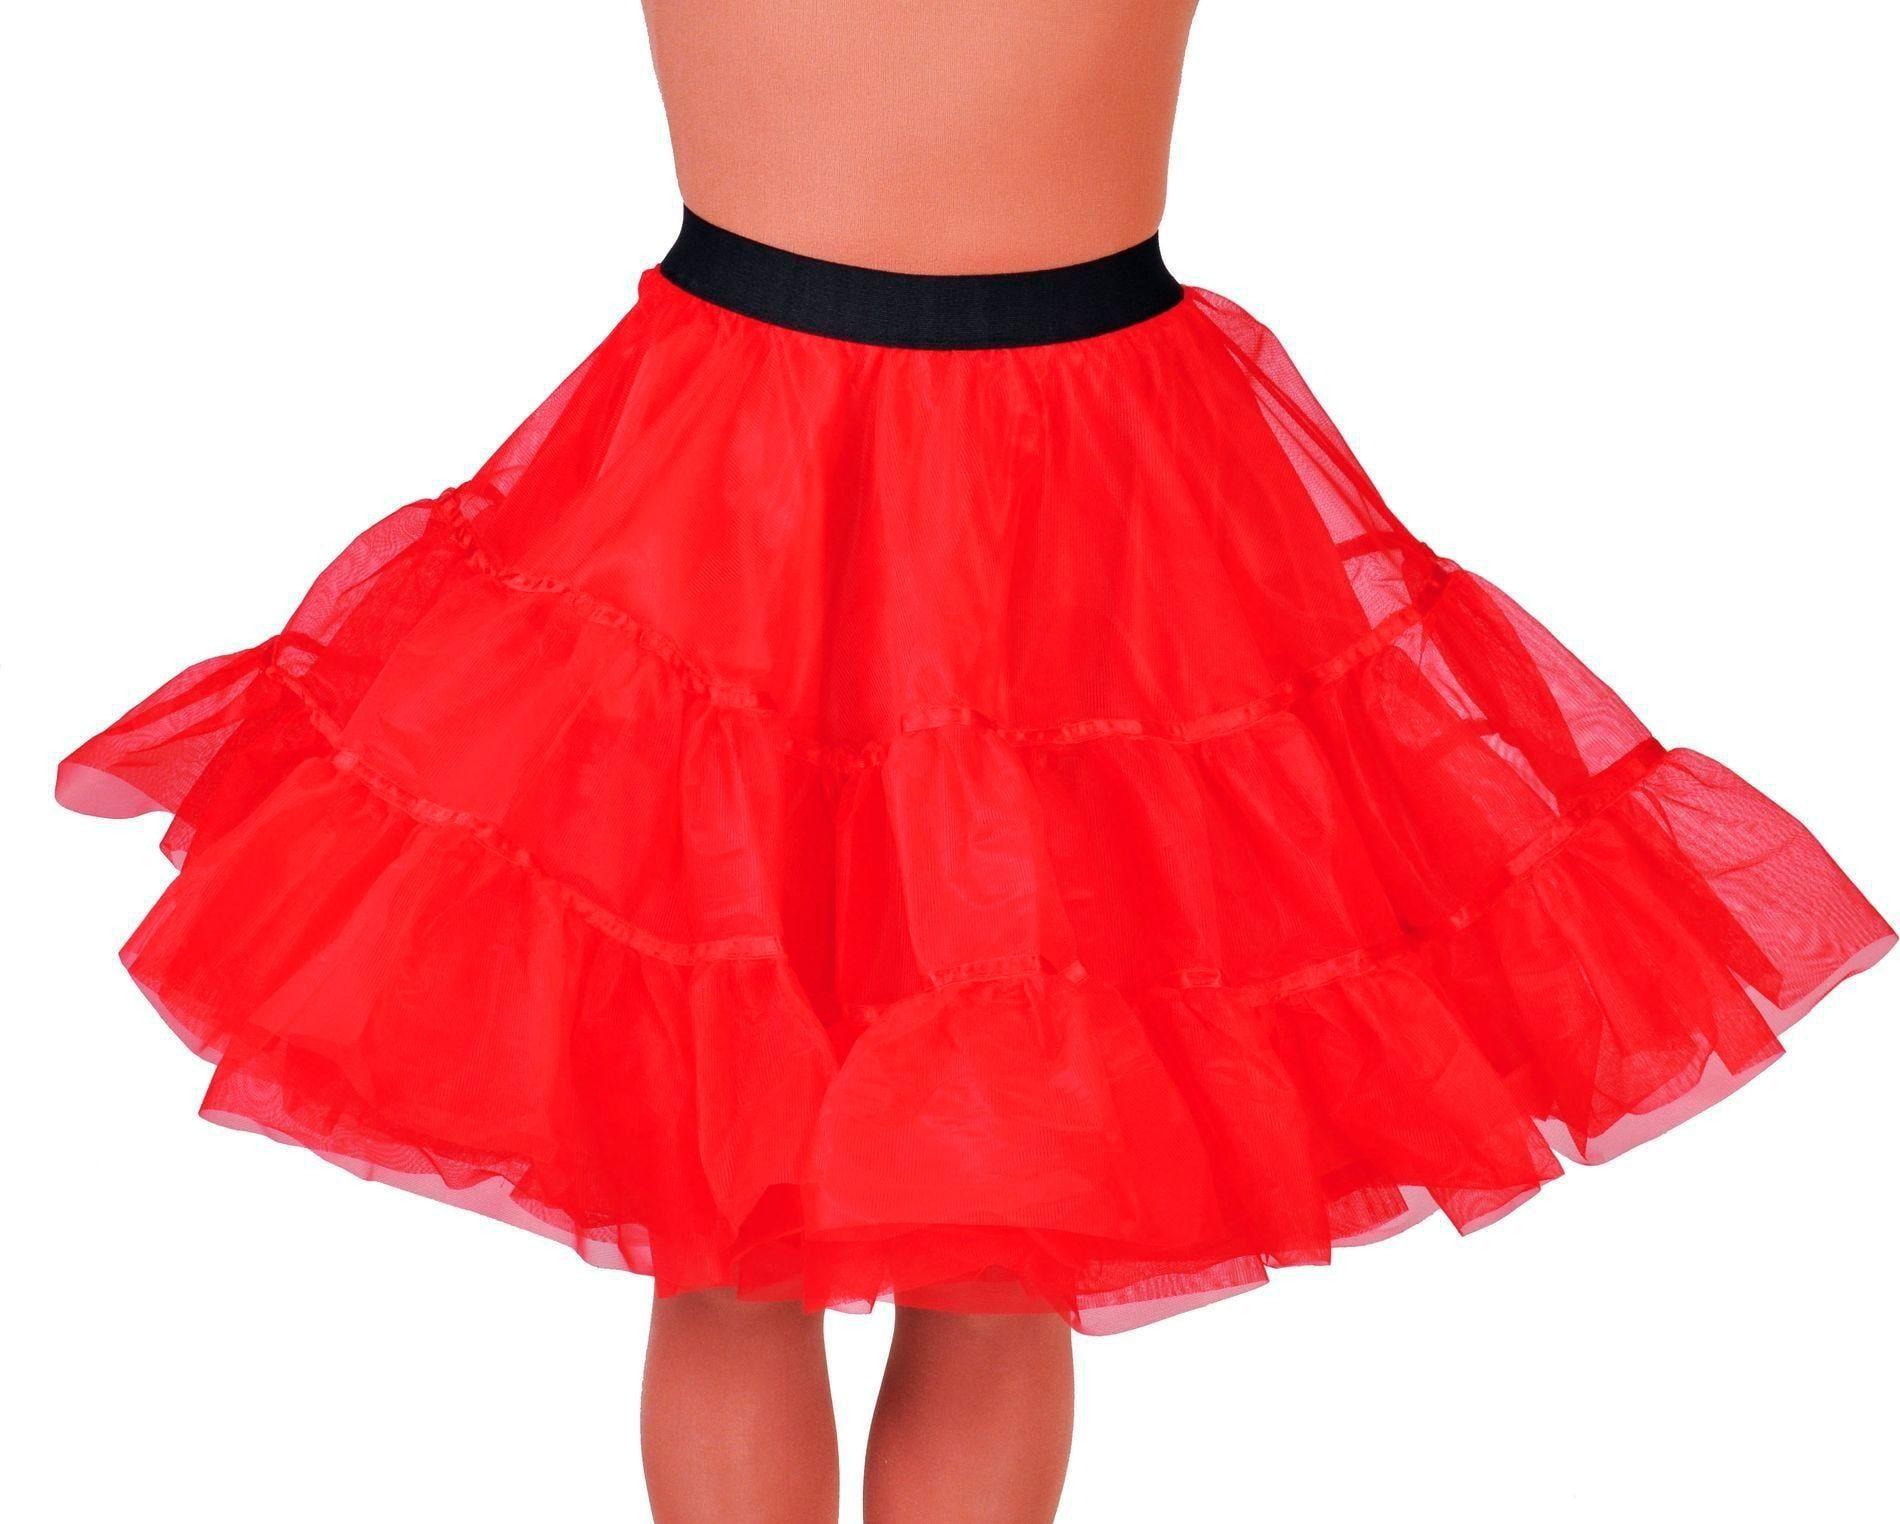 Rode petticoat middel lang vrouwen